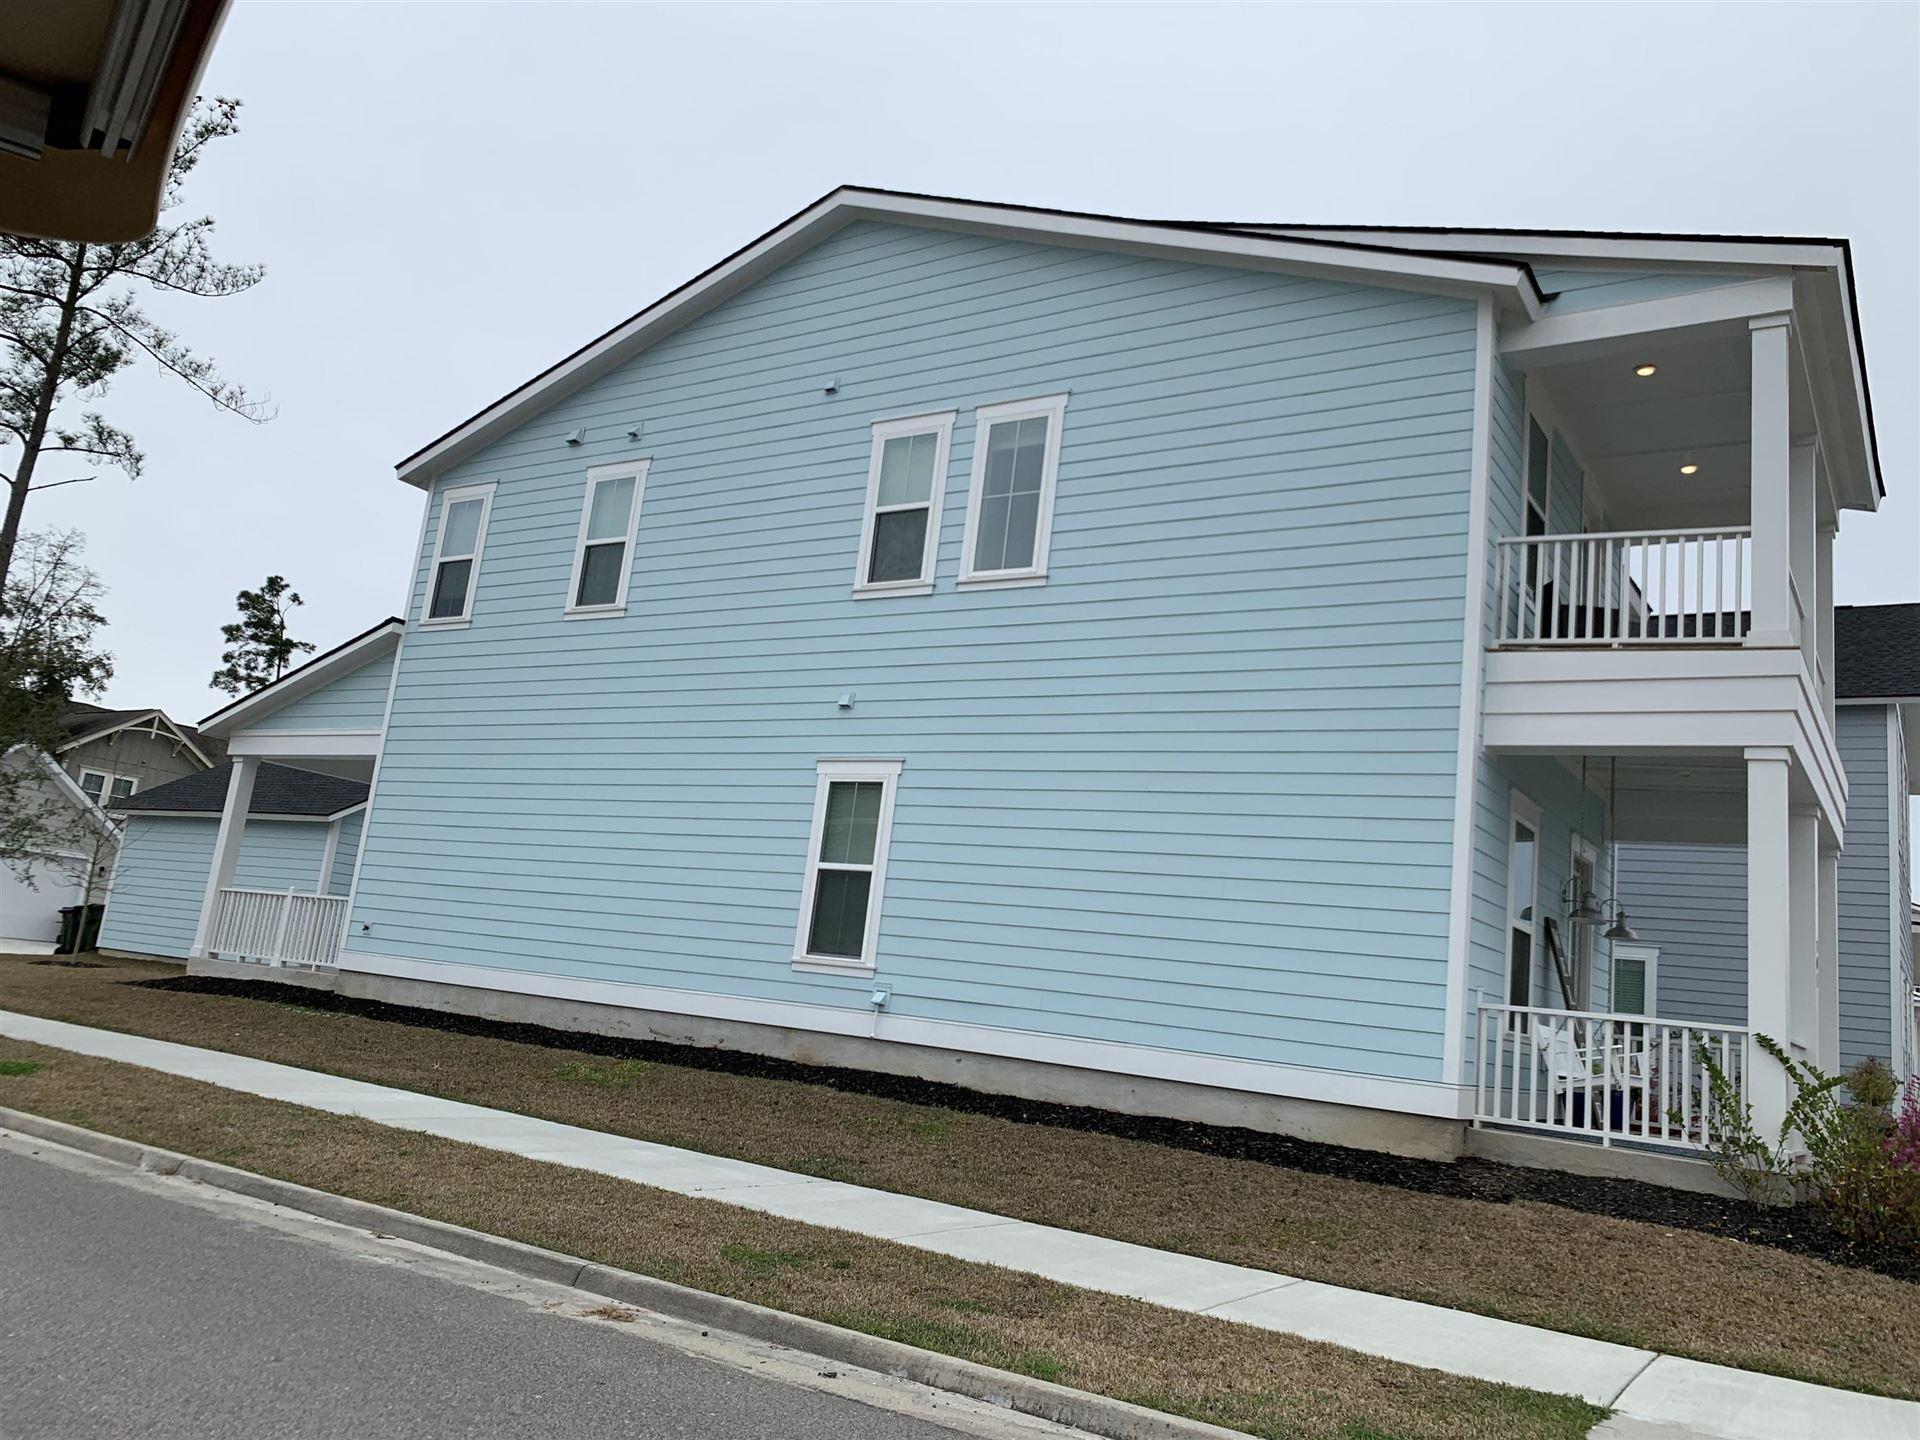 Photo of 204 Magnolia Garden Drive, Summerville, SC 29483 (MLS # 21005377)